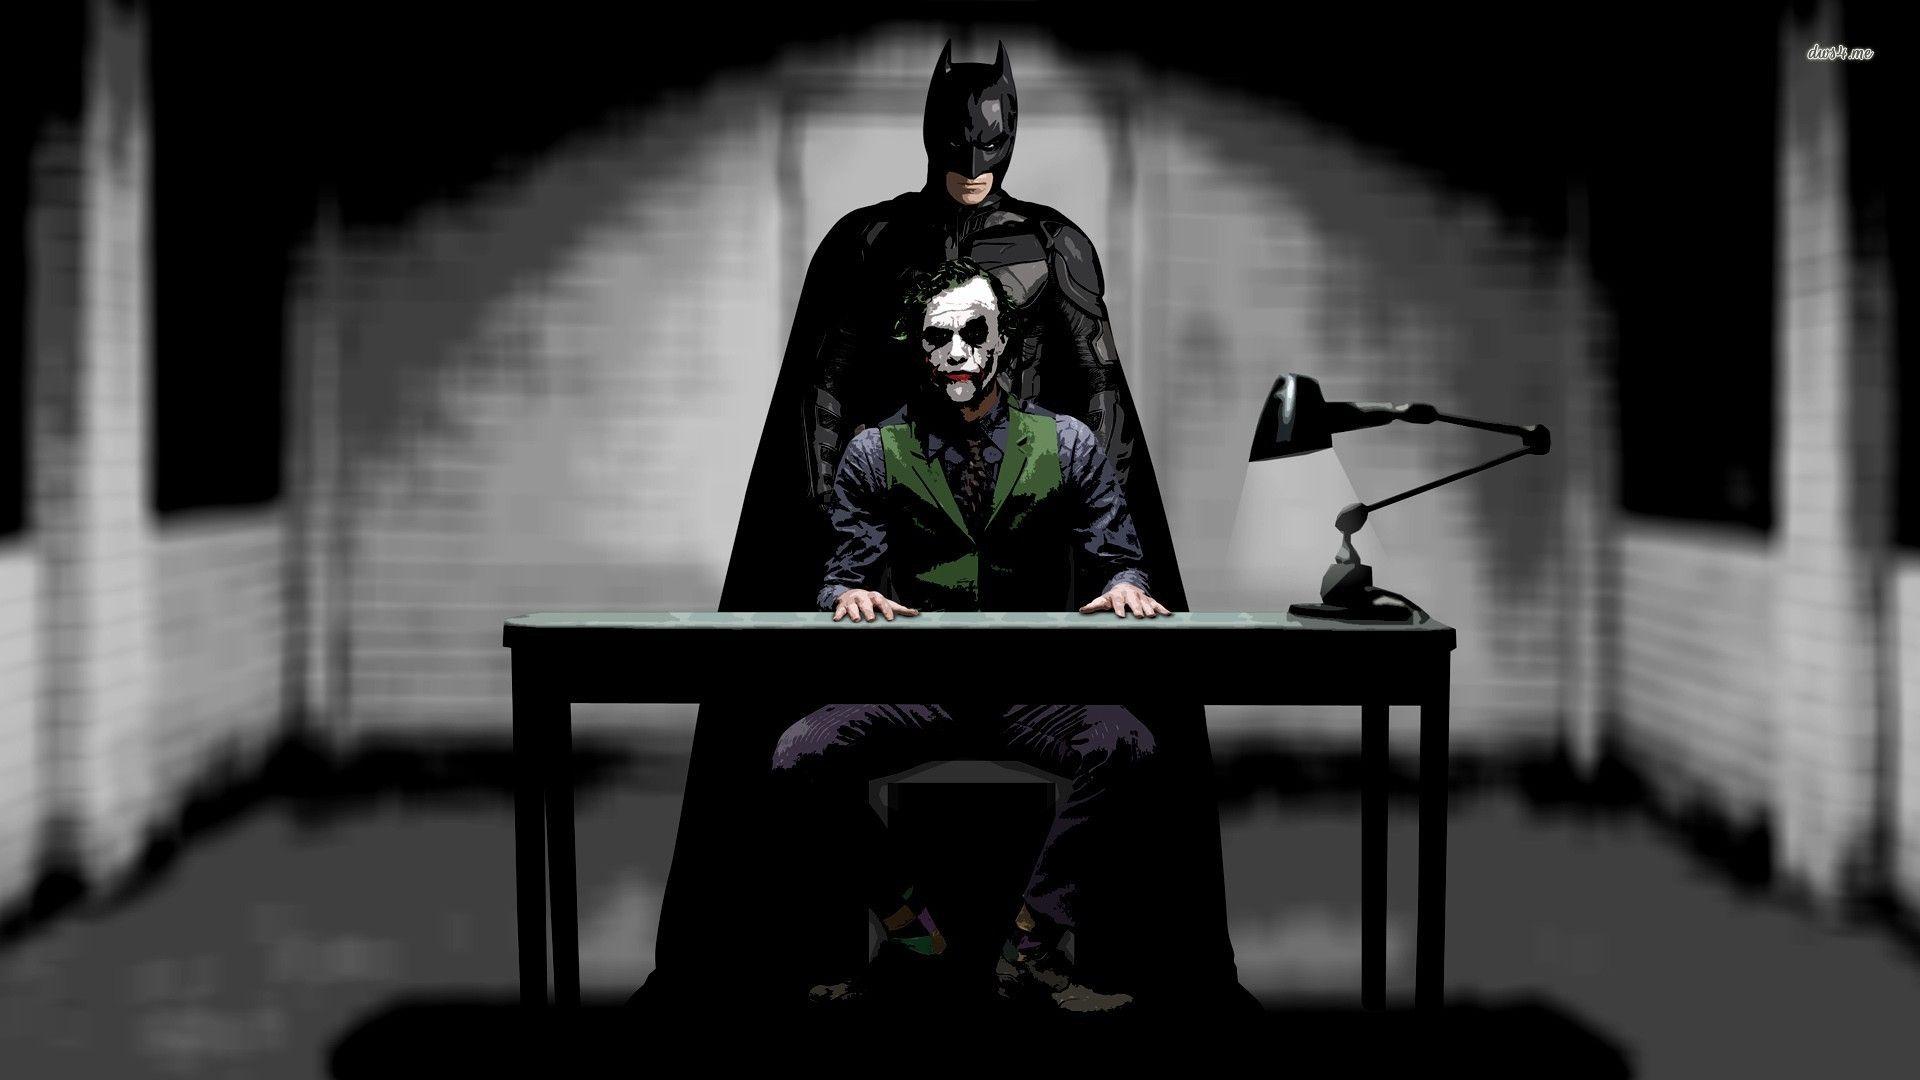 Batman joker hd wallpapers inspiring ideas pinterest joker batman joker hd wallpapers voltagebd Choice Image